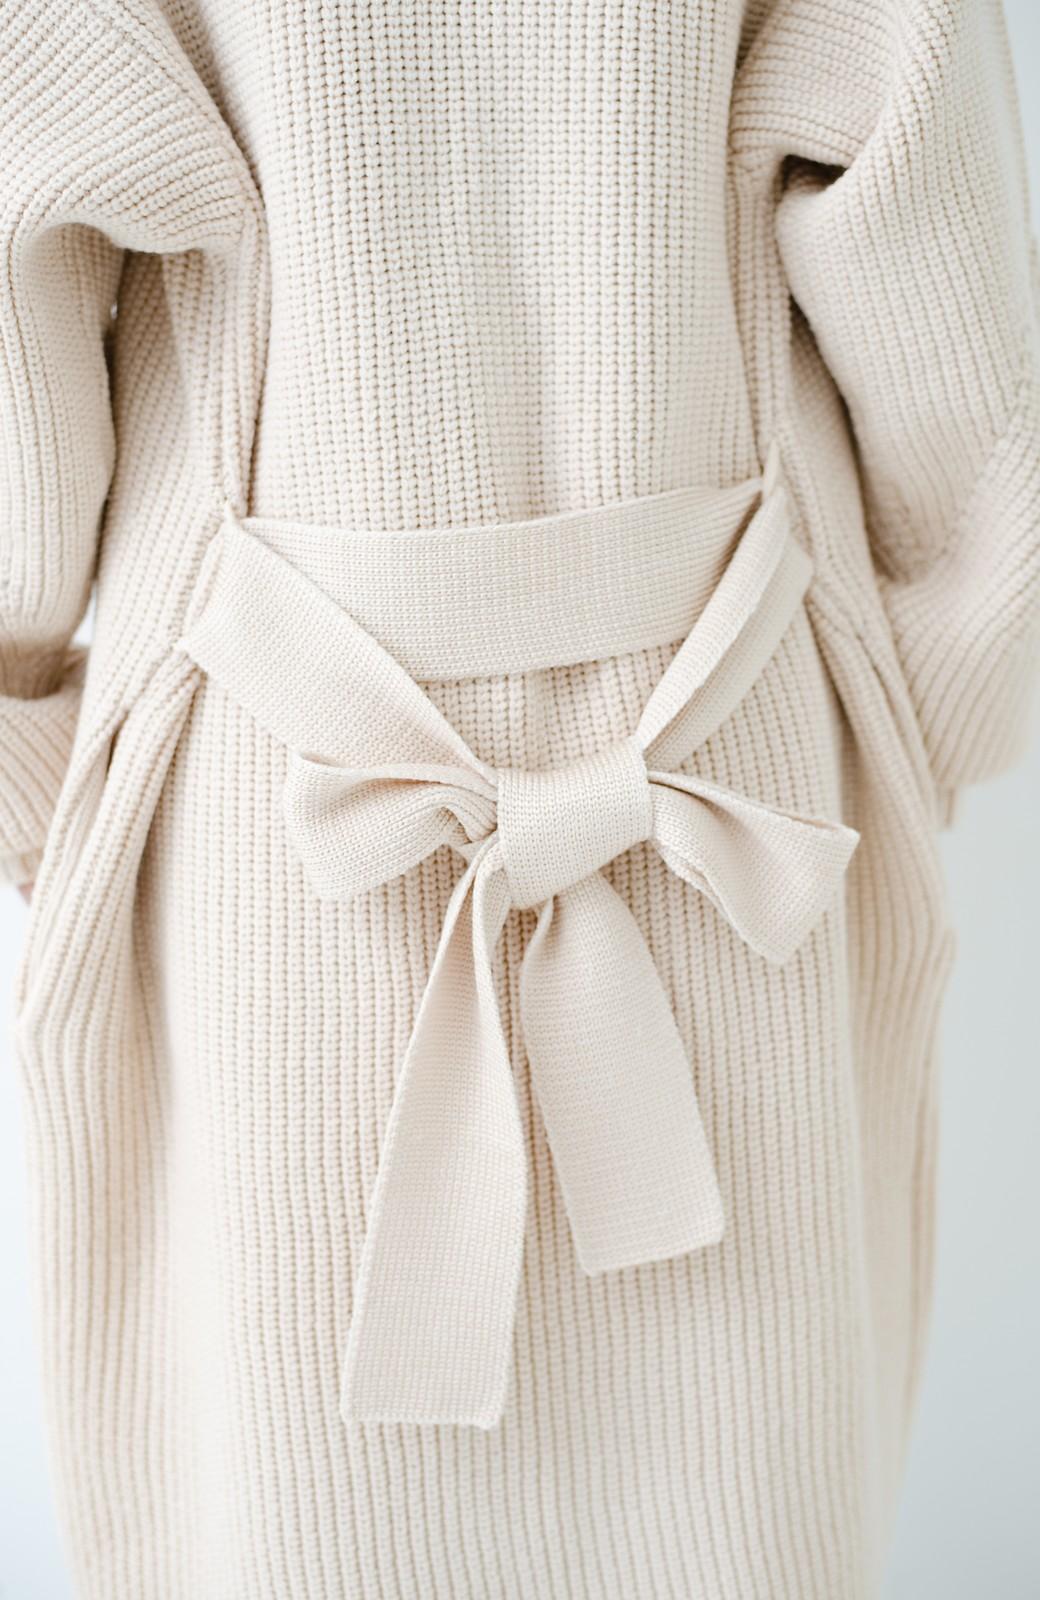 haco! さっと羽織るのにちょうどいい ぷっくり袖のあぜ編みニットガウン <アイボリー>の商品写真5